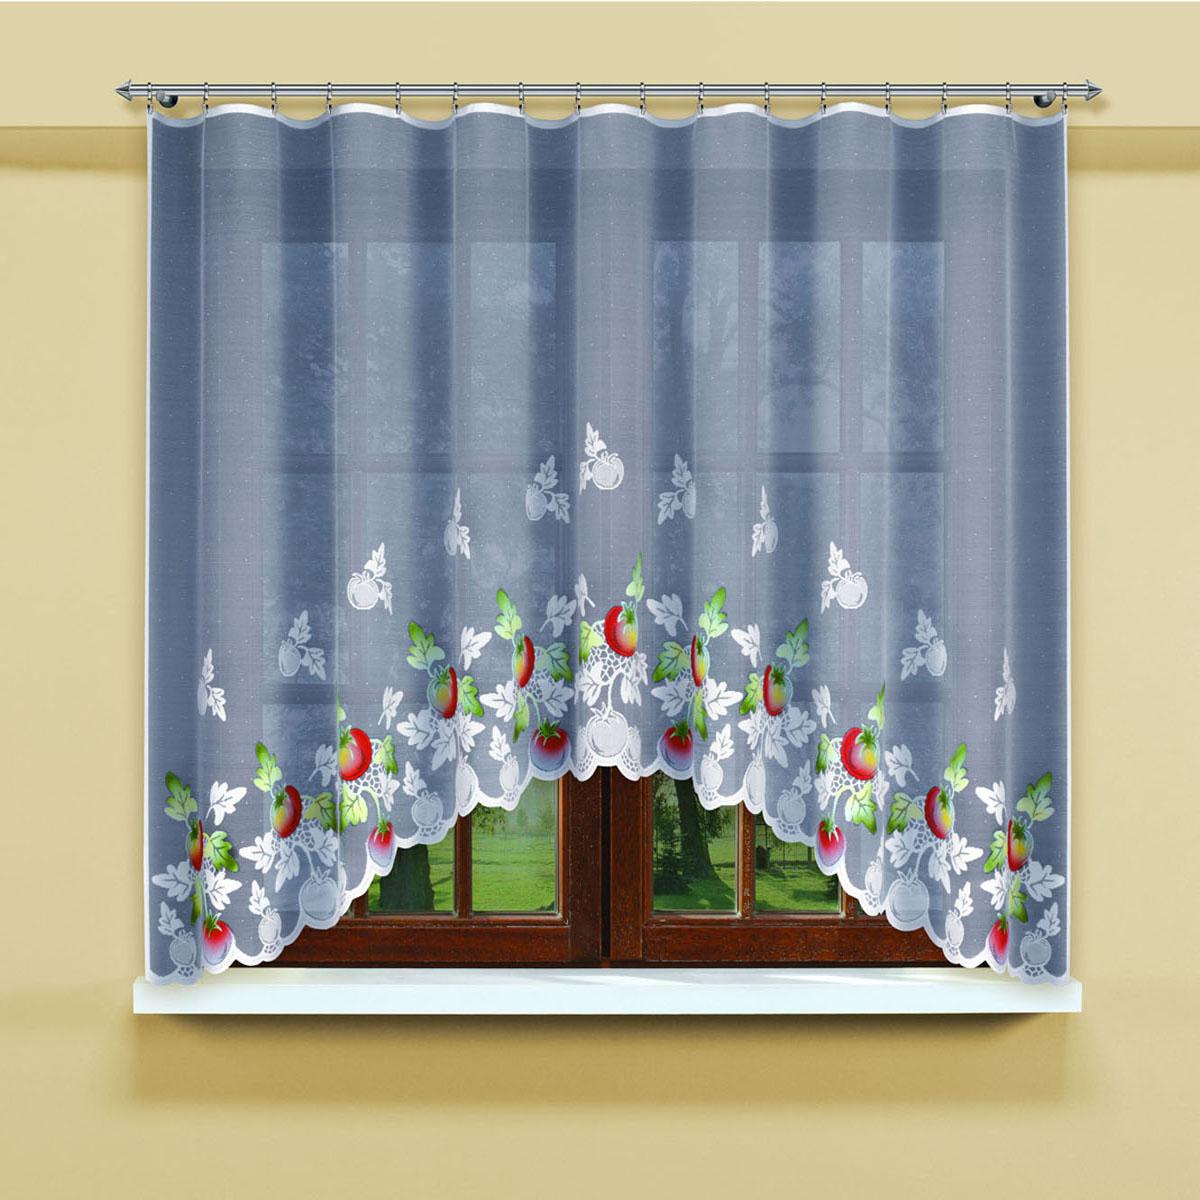 Гардина Haft, цвет: белый, ширина 300 см, высота 160 см. 202690/160SVC-300Белая гардина из жаккардовой ткани с крашенным рисунком помидорокРазмеры: высота 160см*ширина 300см